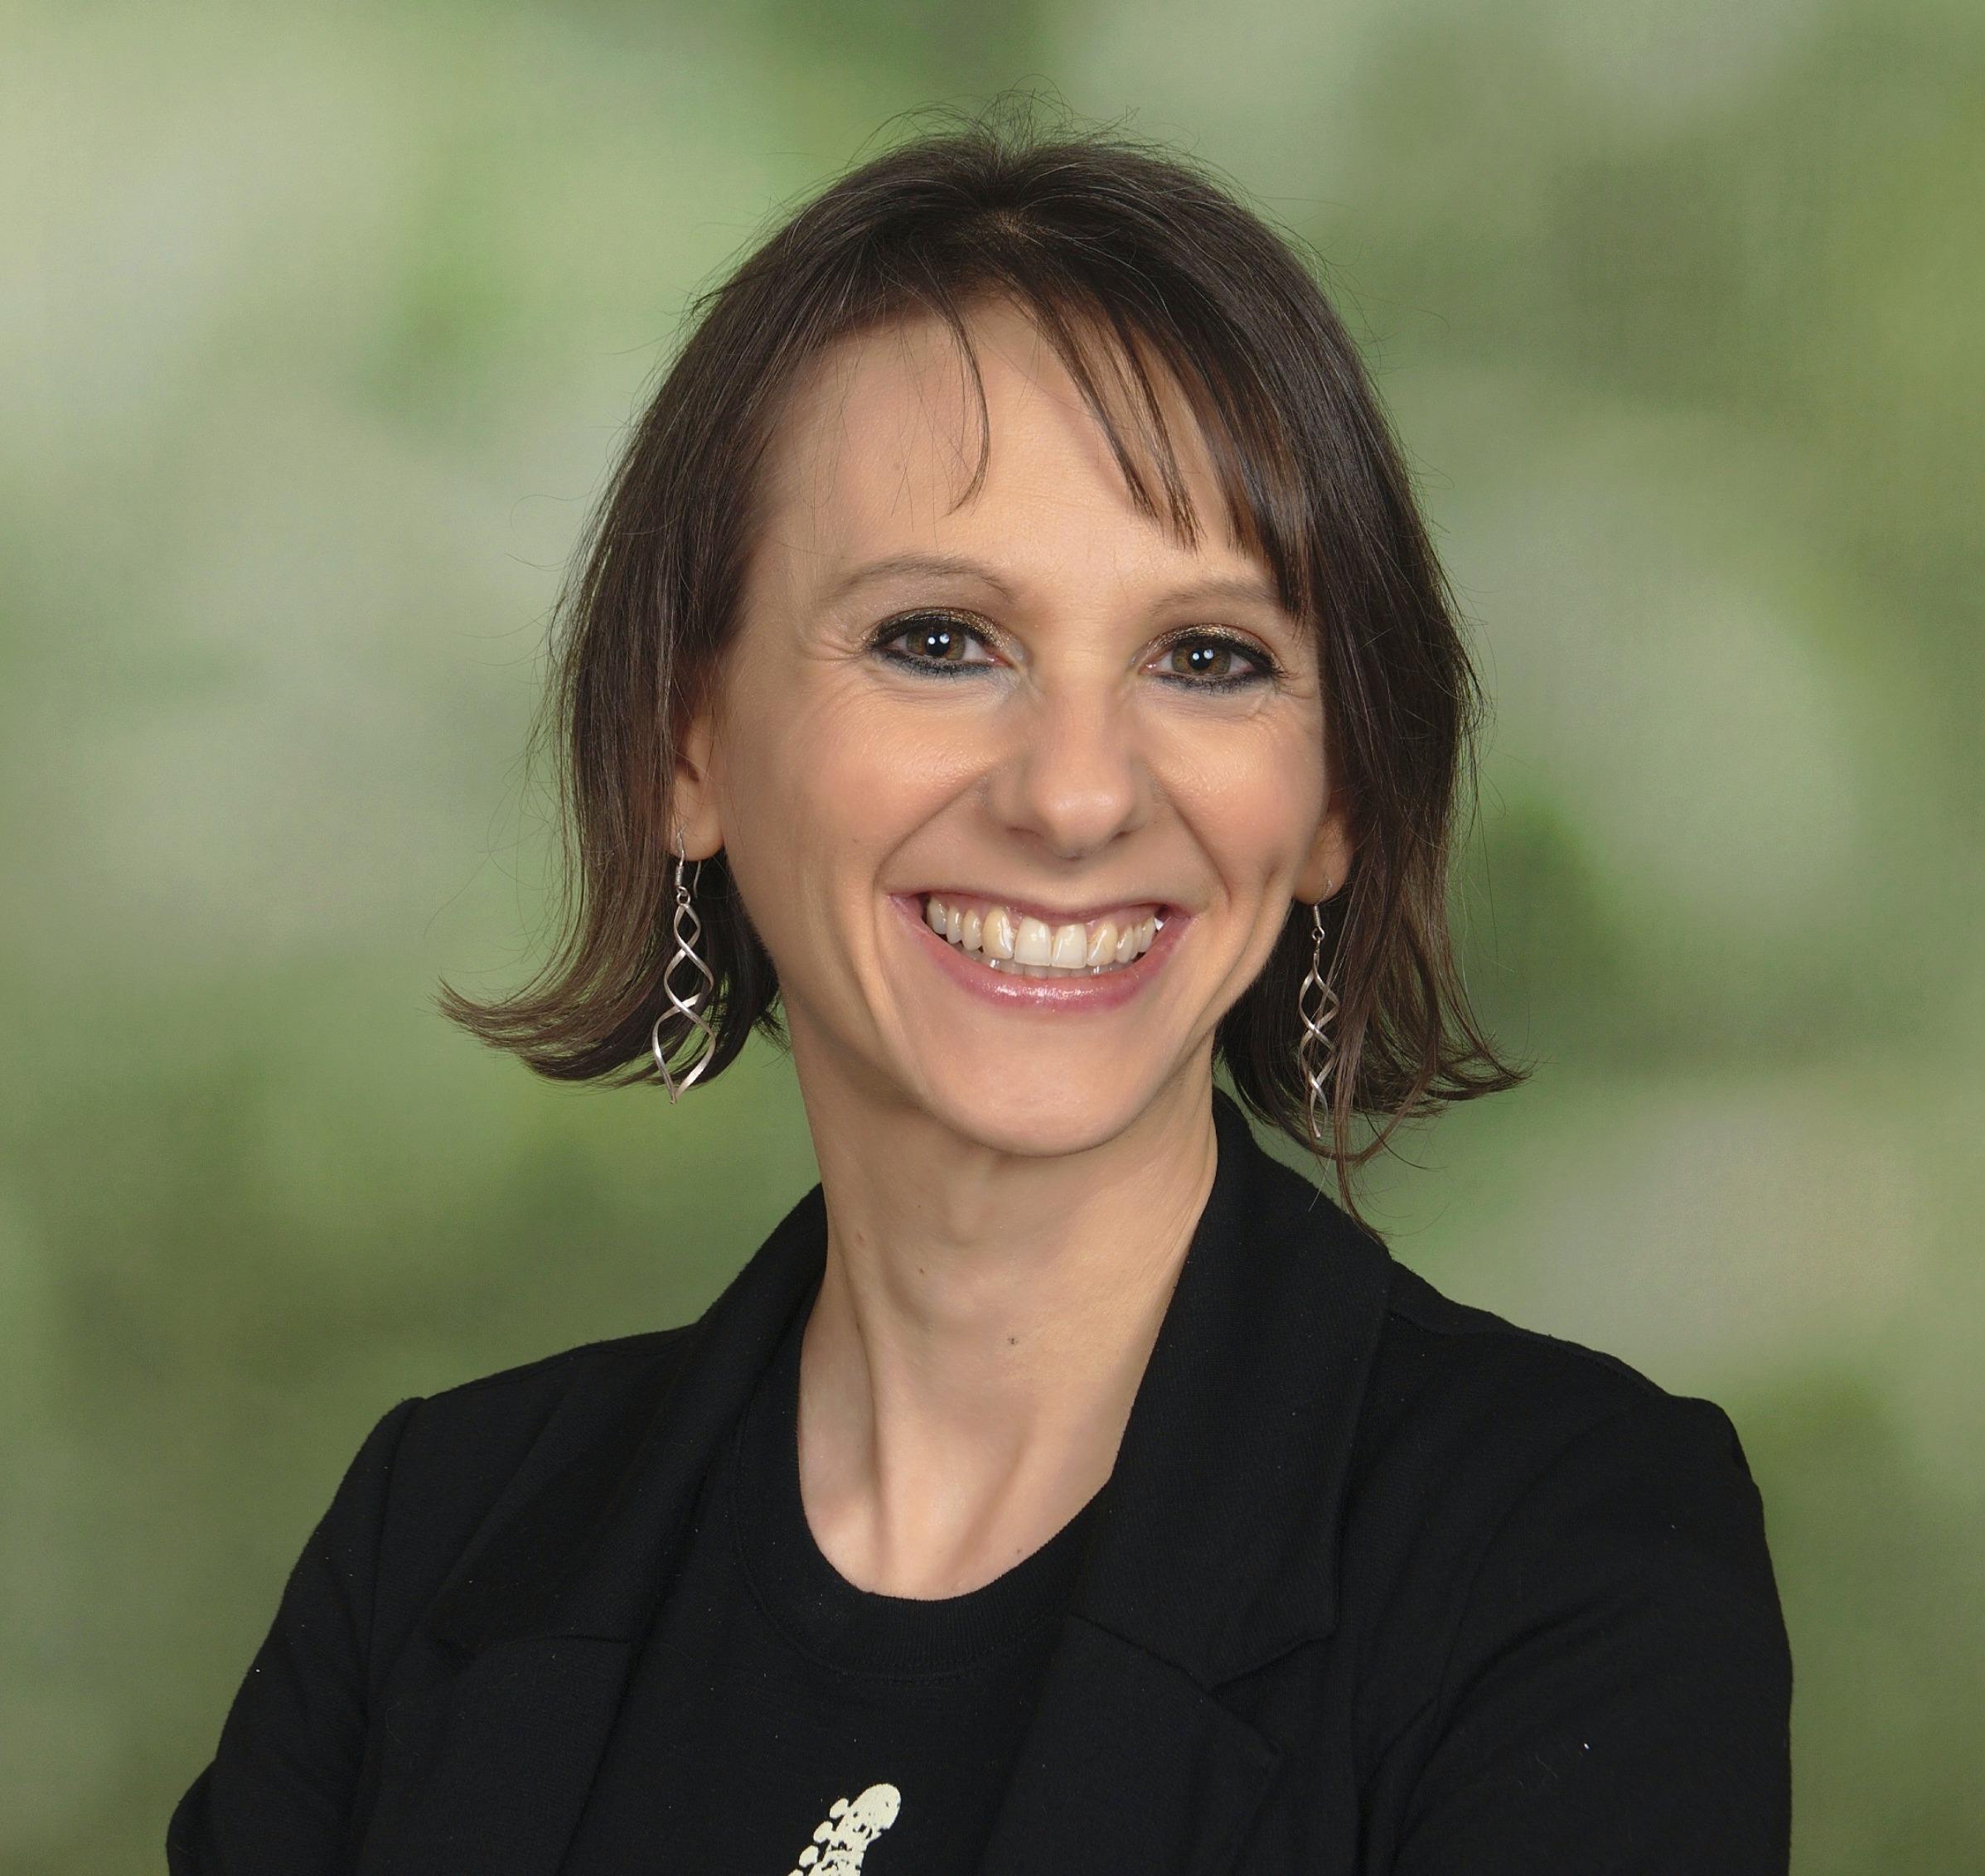 Sarah Gampo